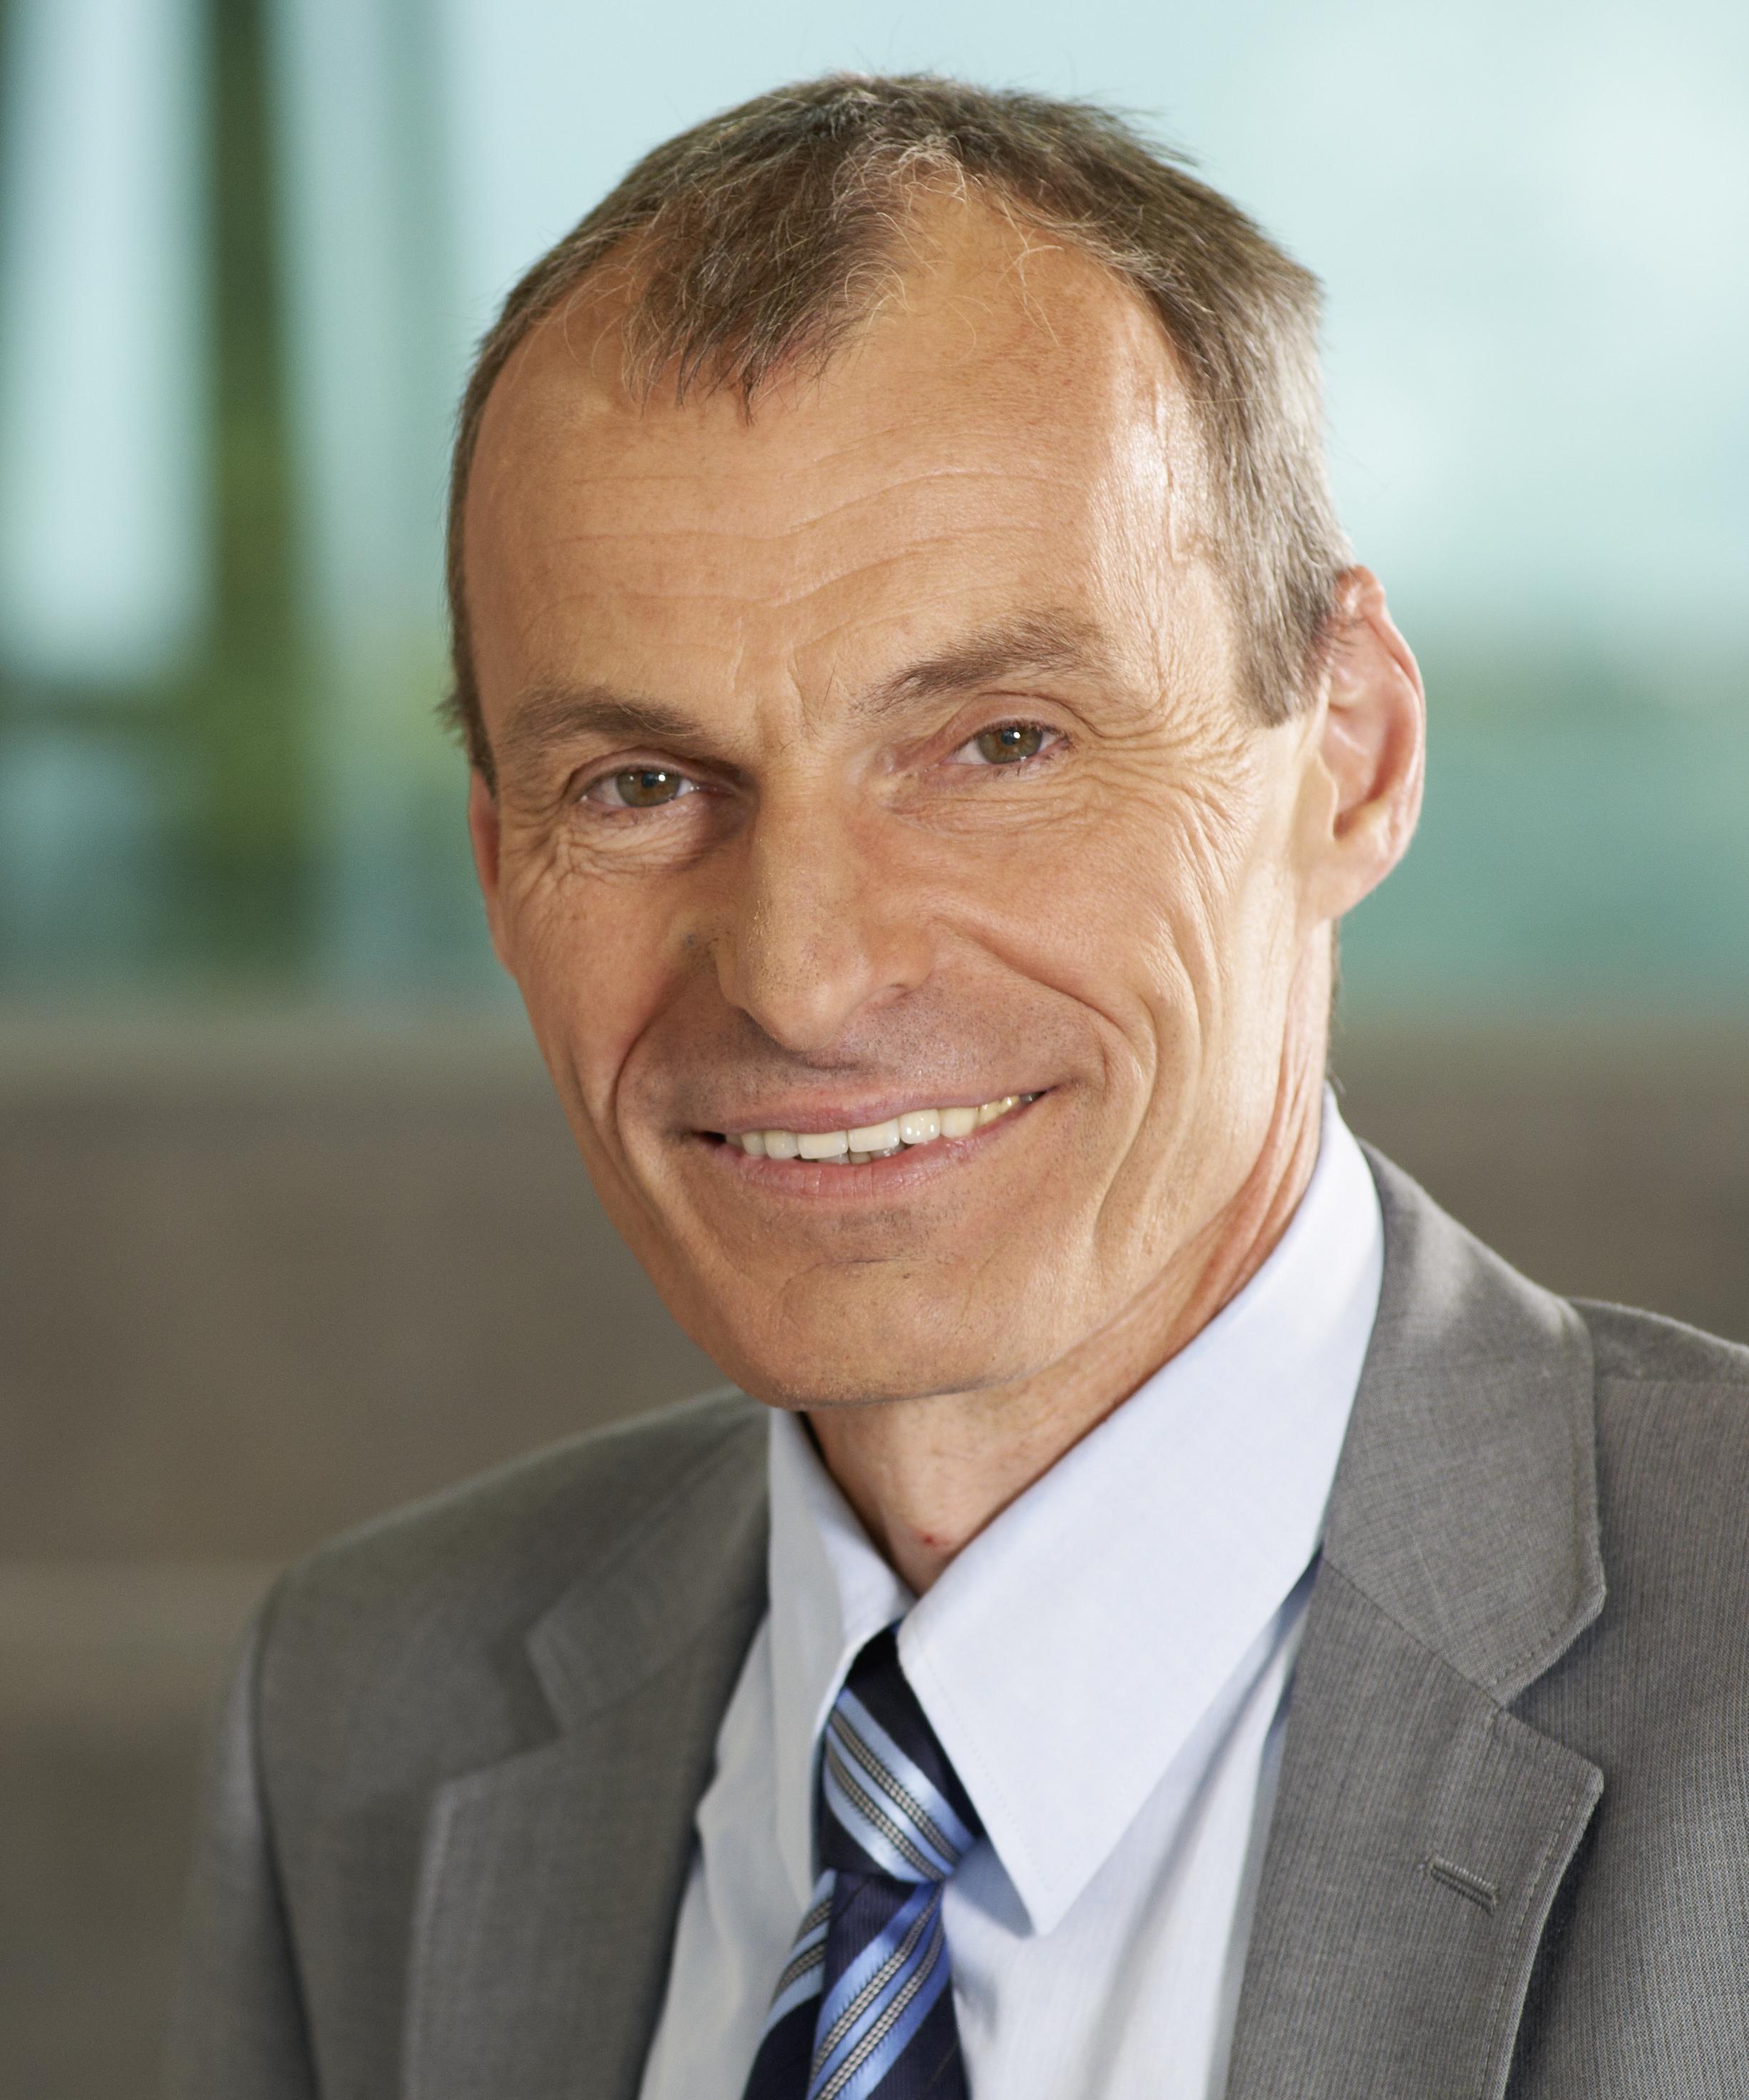 TKB: Dr. Arnold für zwei weitere Jahre zum Vorsitzenden gewählt